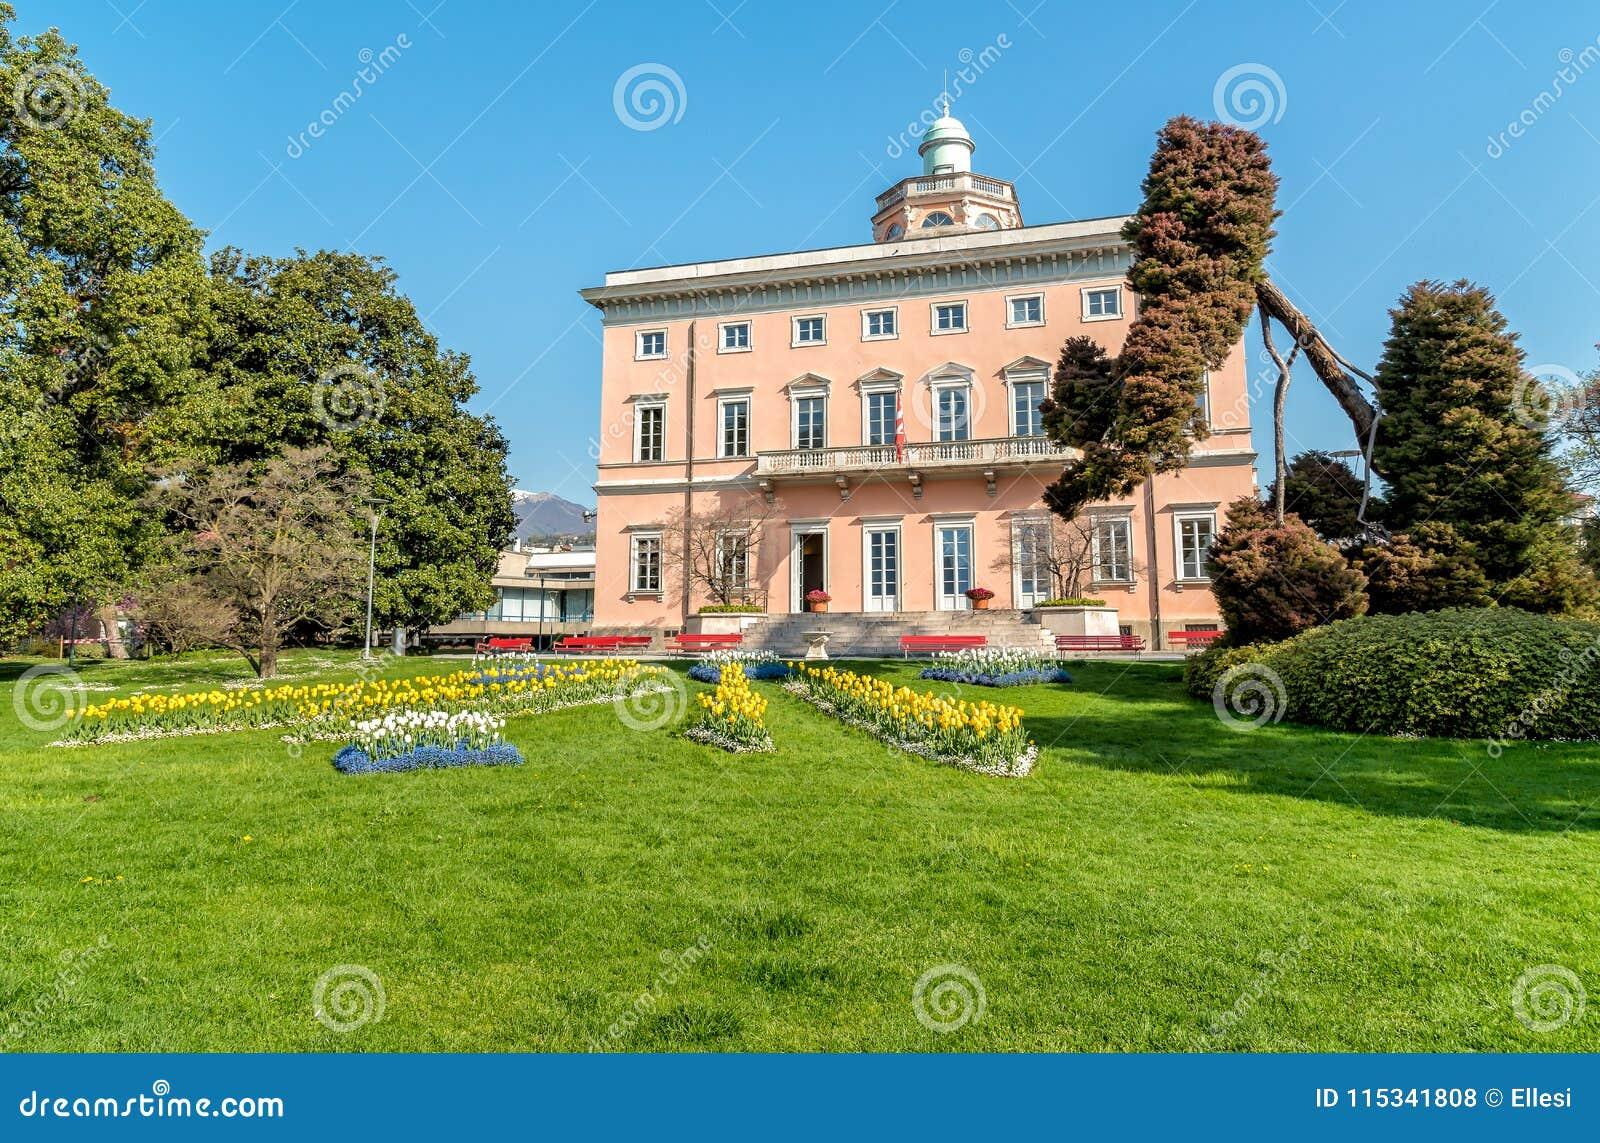 Mening van Villa Ciani met kleurrijke tulpenvoorgrond in het openbare stadspark van Lugano